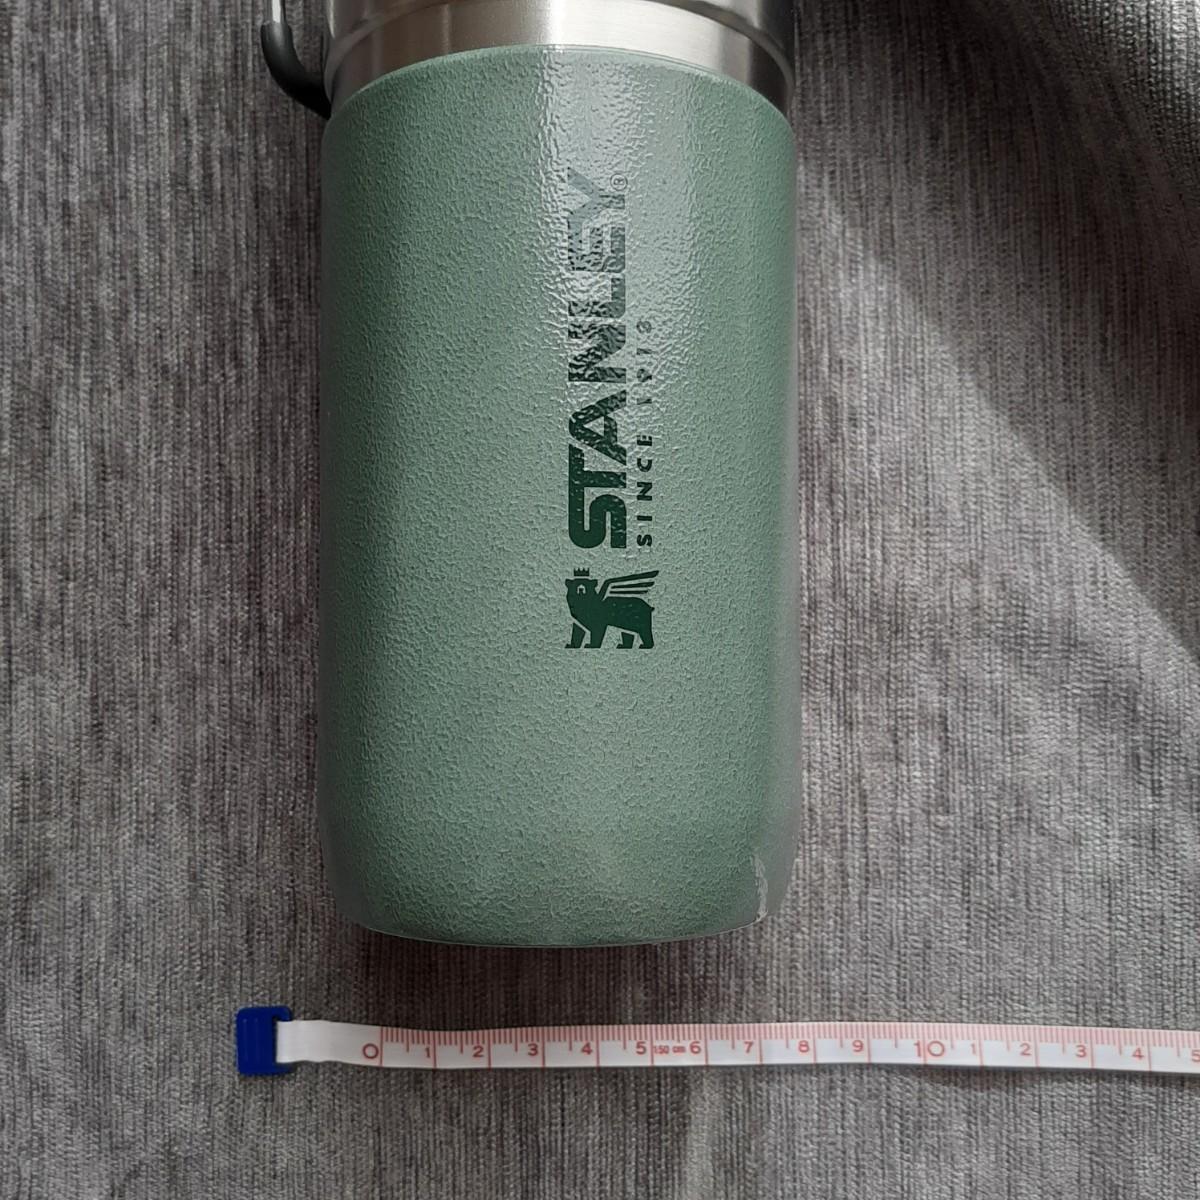 ステンレス 保温 保冷 水筒  タンブラー アウトドア 新品 473ml  グリーン